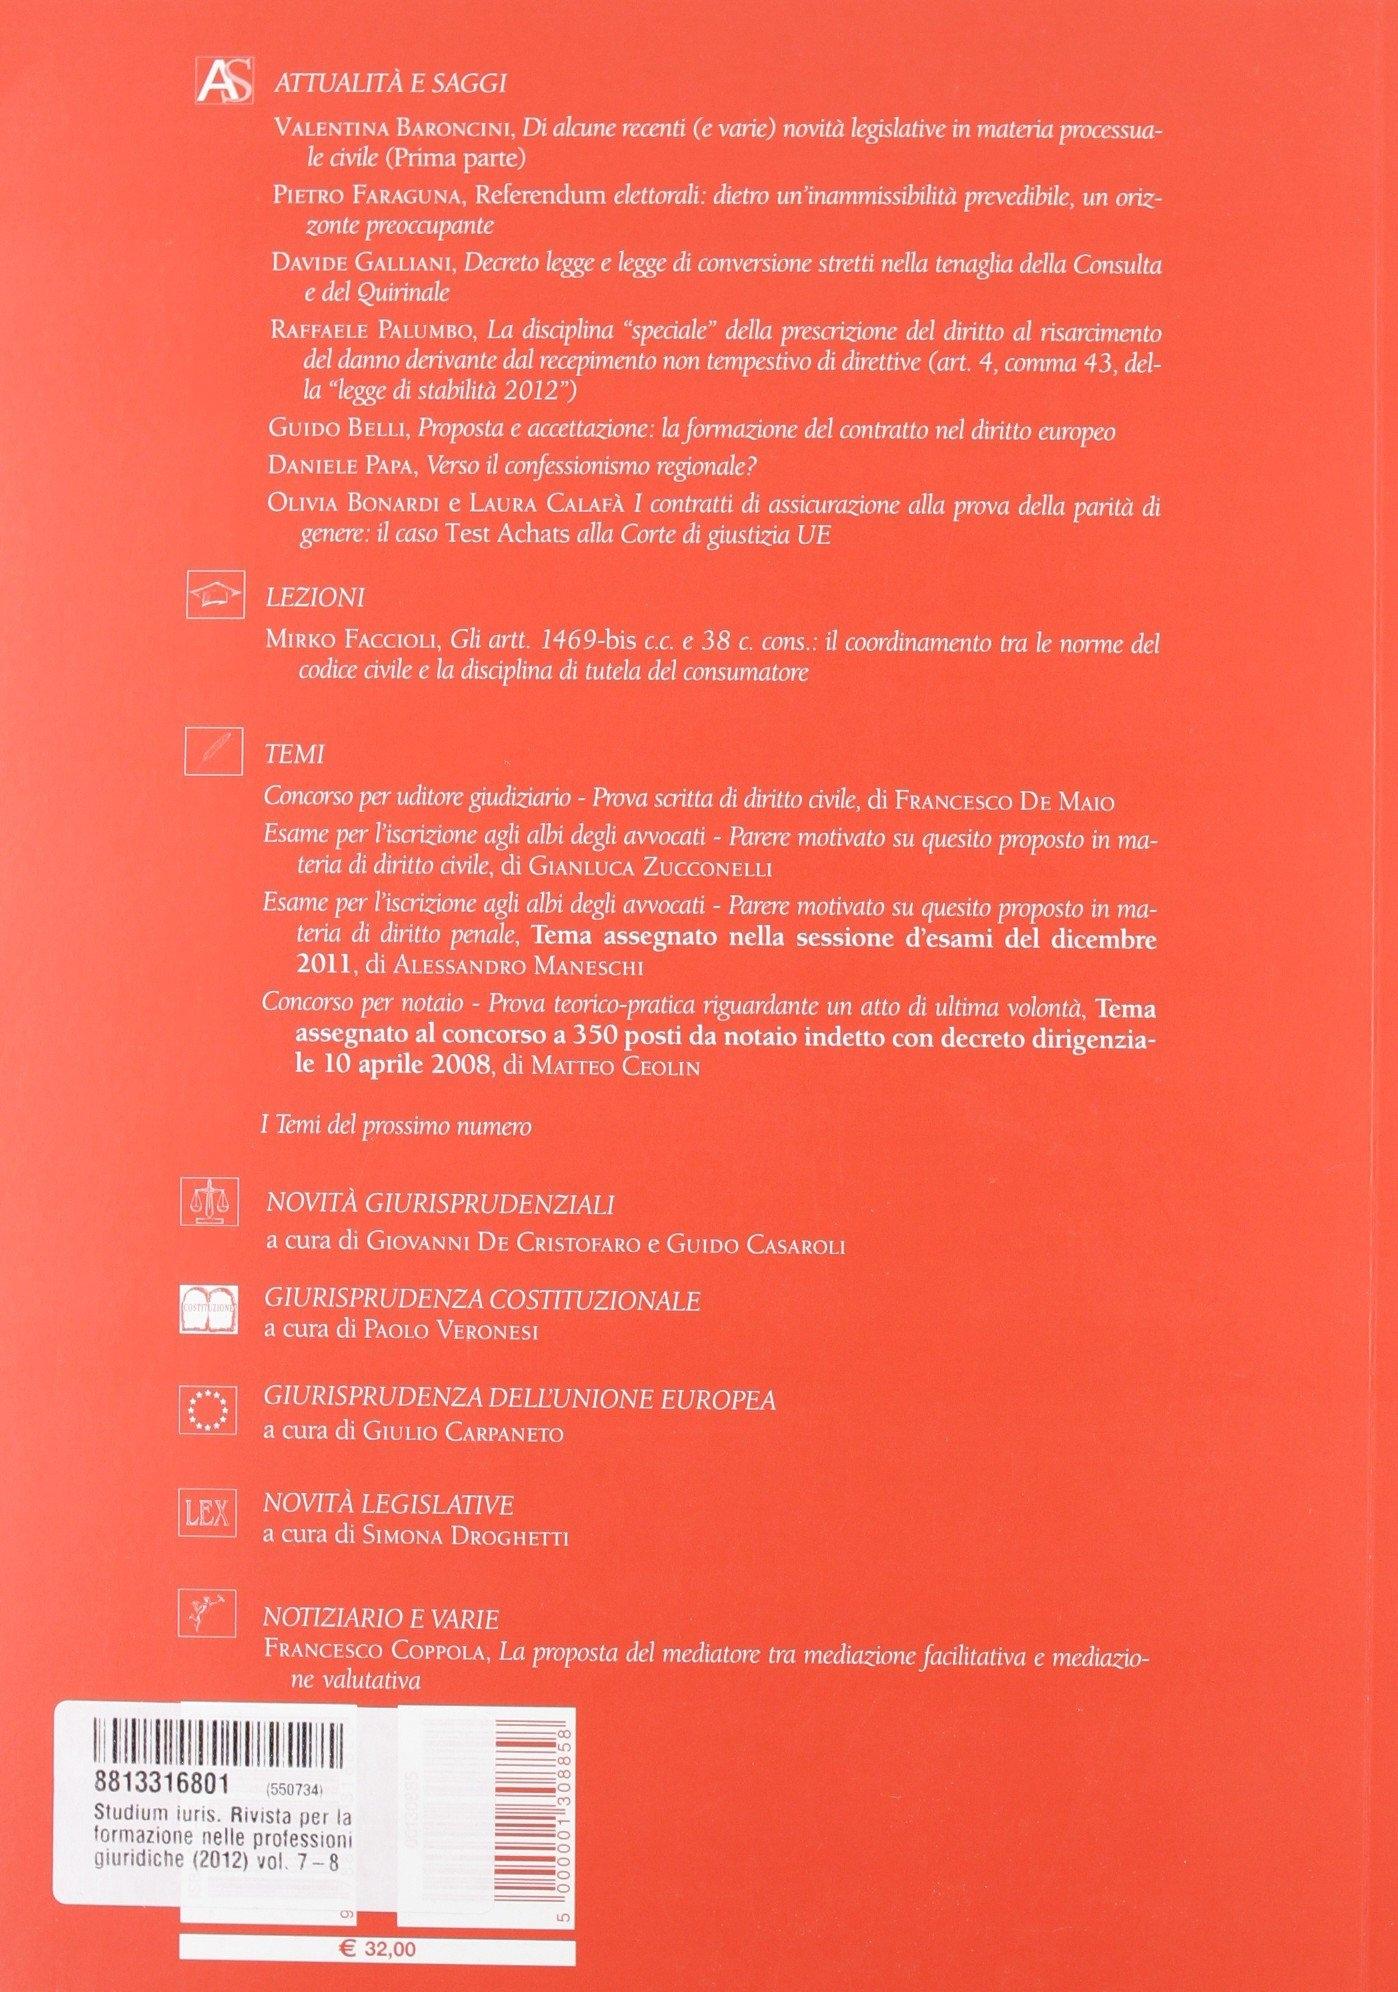 Studium iuris. Rivista per la formazione nelle professioni giuridiche (2012) vol. 7-8